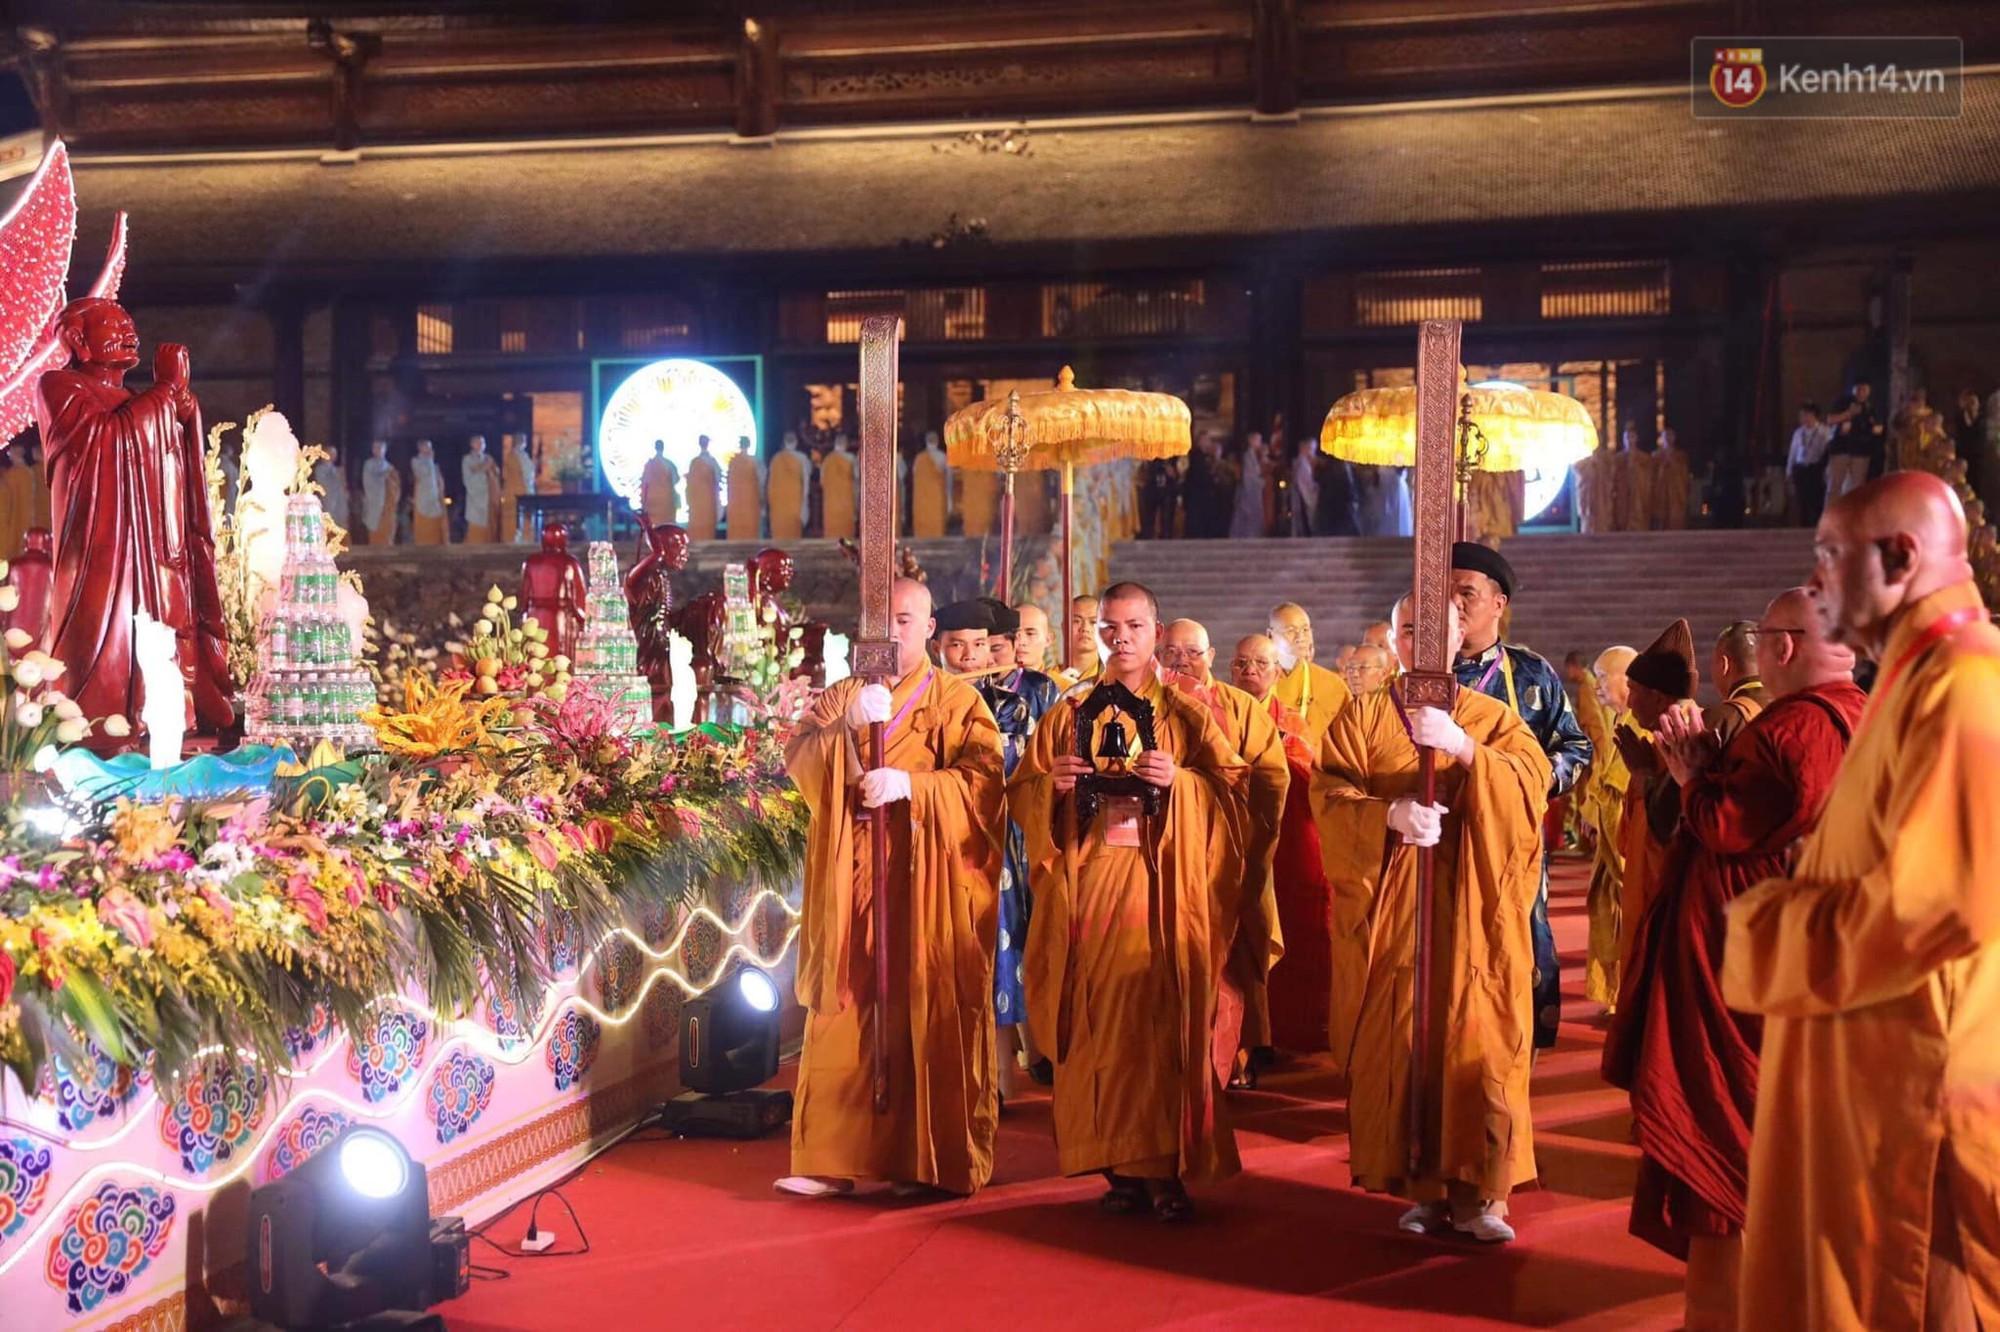 Hàng vạn người tham gia buổi lễ cầu nguyện hoà bình và hoa đăng tại chùa Tam Chúc - Ảnh 8.